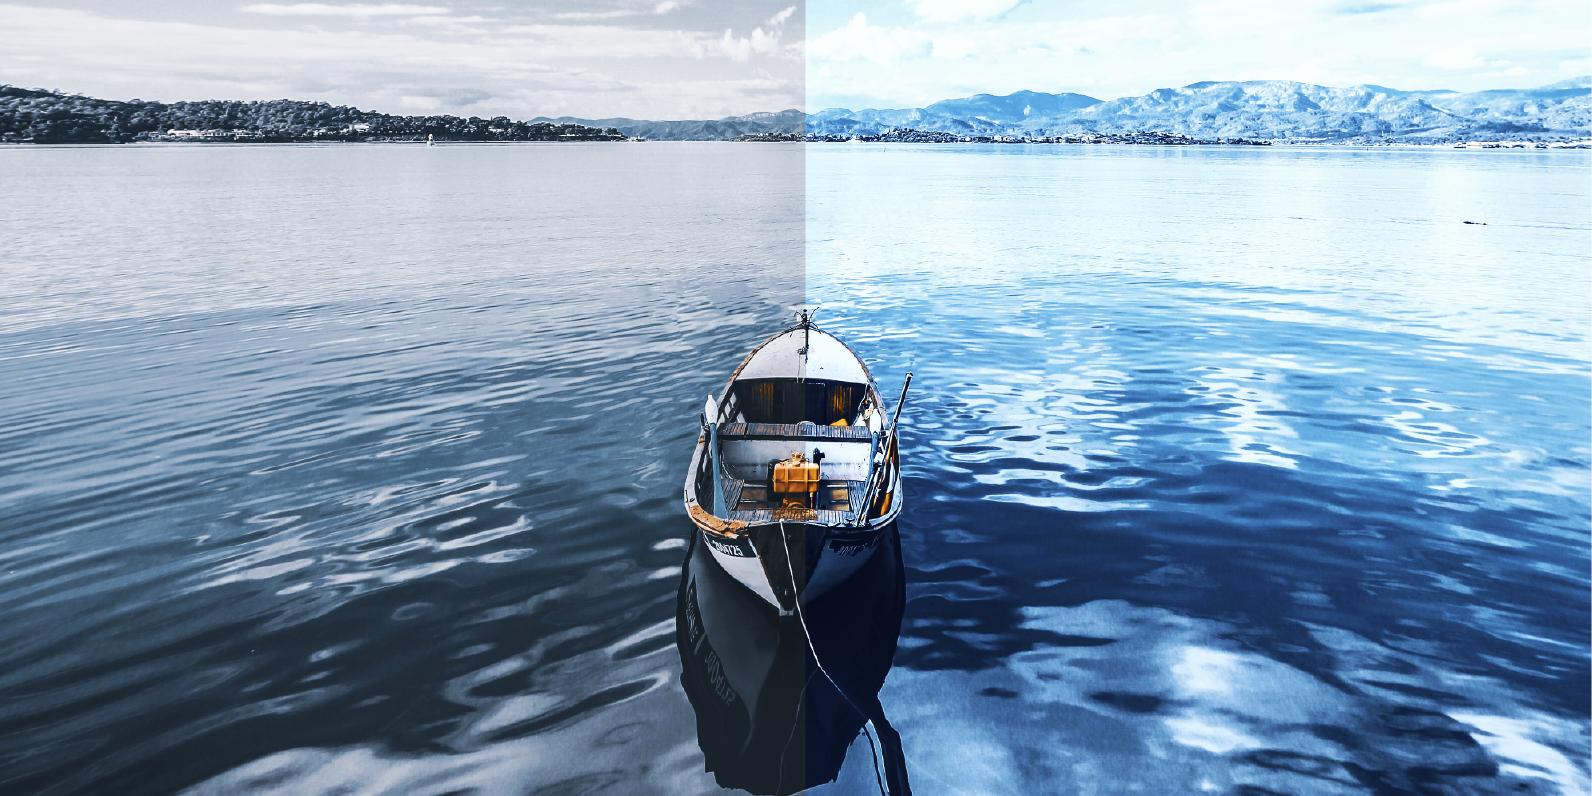 efectos de colores dramaticos para tus fotos e imagenes en photoshop